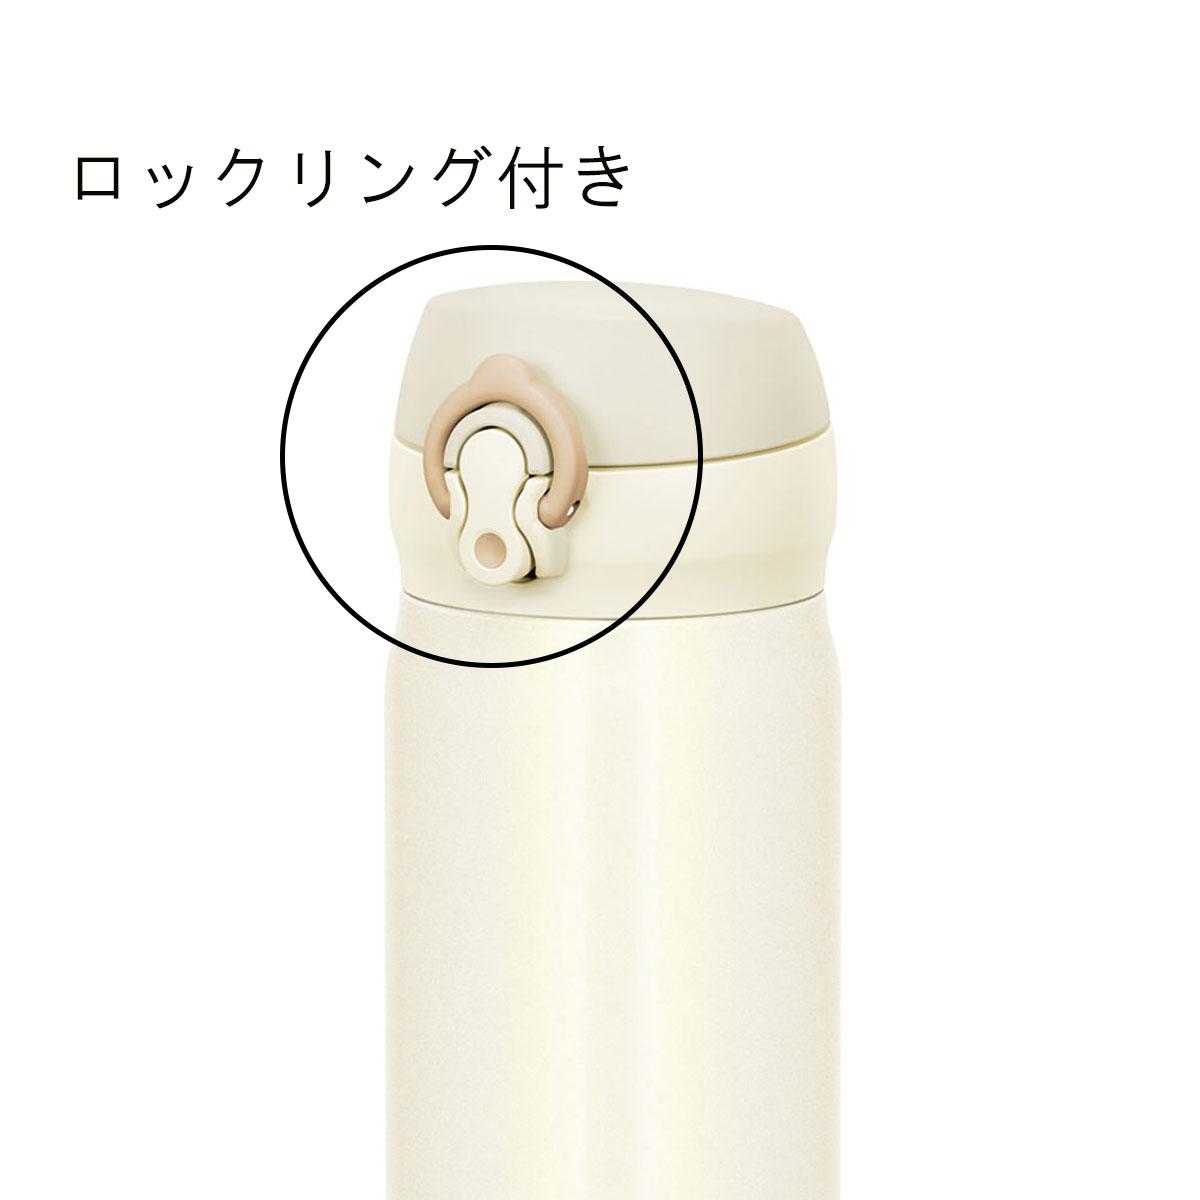 サーモス 真空断熱ケータイマグ 500ml JNL-504